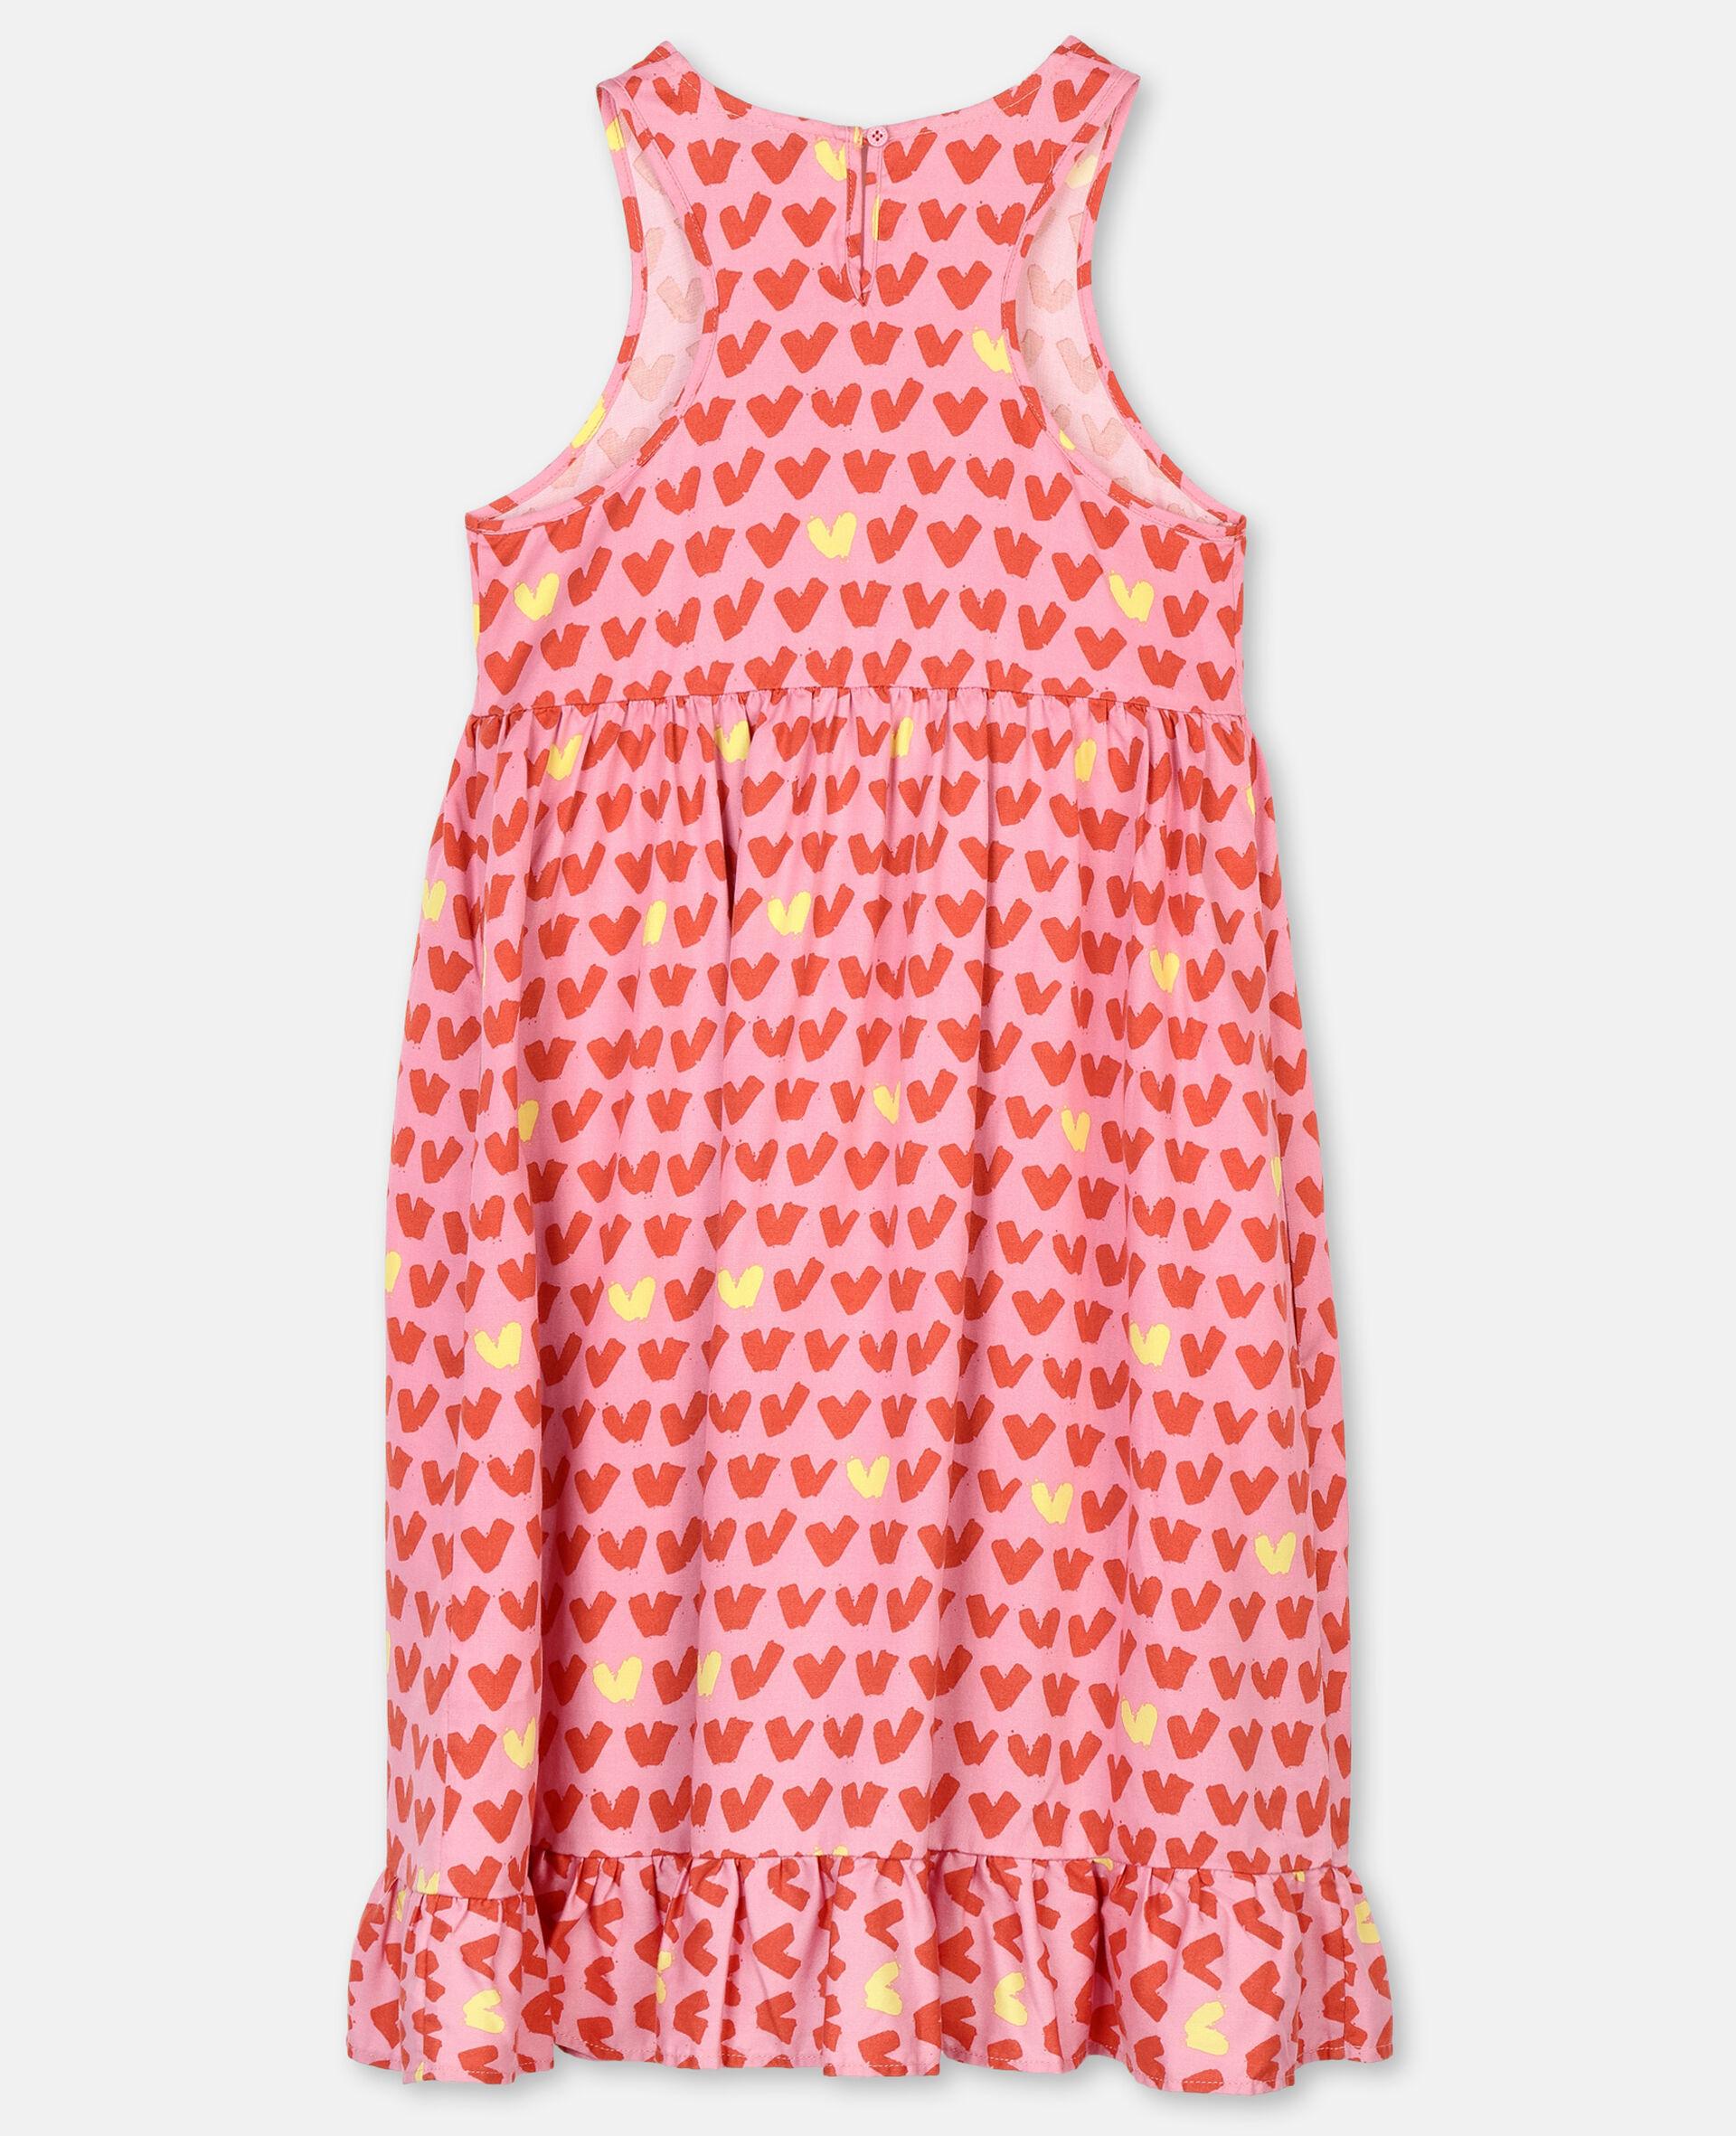 Kleid aus Viskose-Twill mit Herzen-Rose-large image number 3